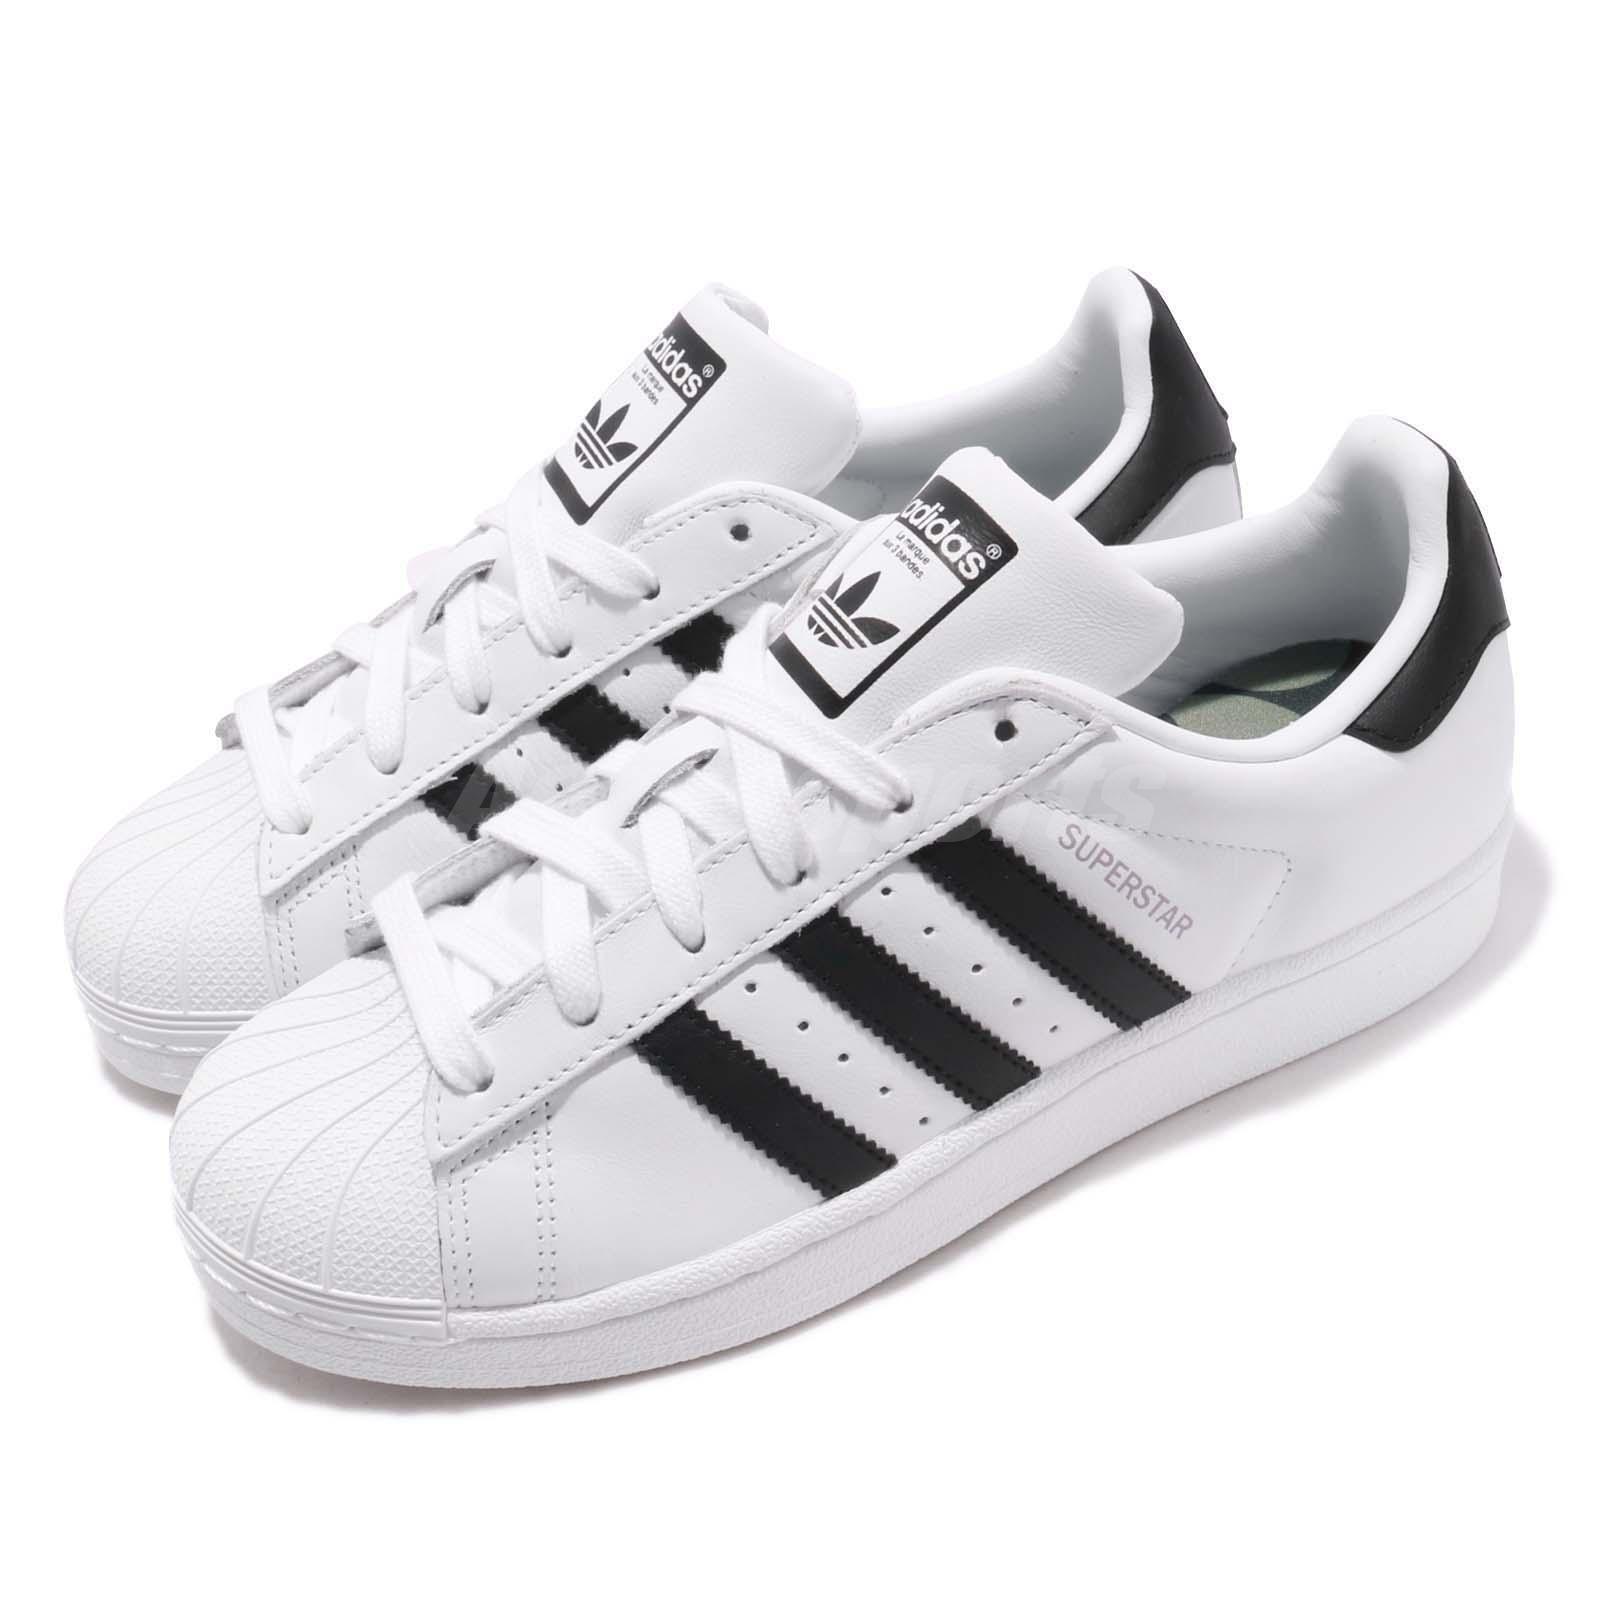 Adidas Originals Superstar W Hattie Stewart White Black Women Casual shoes CM8414